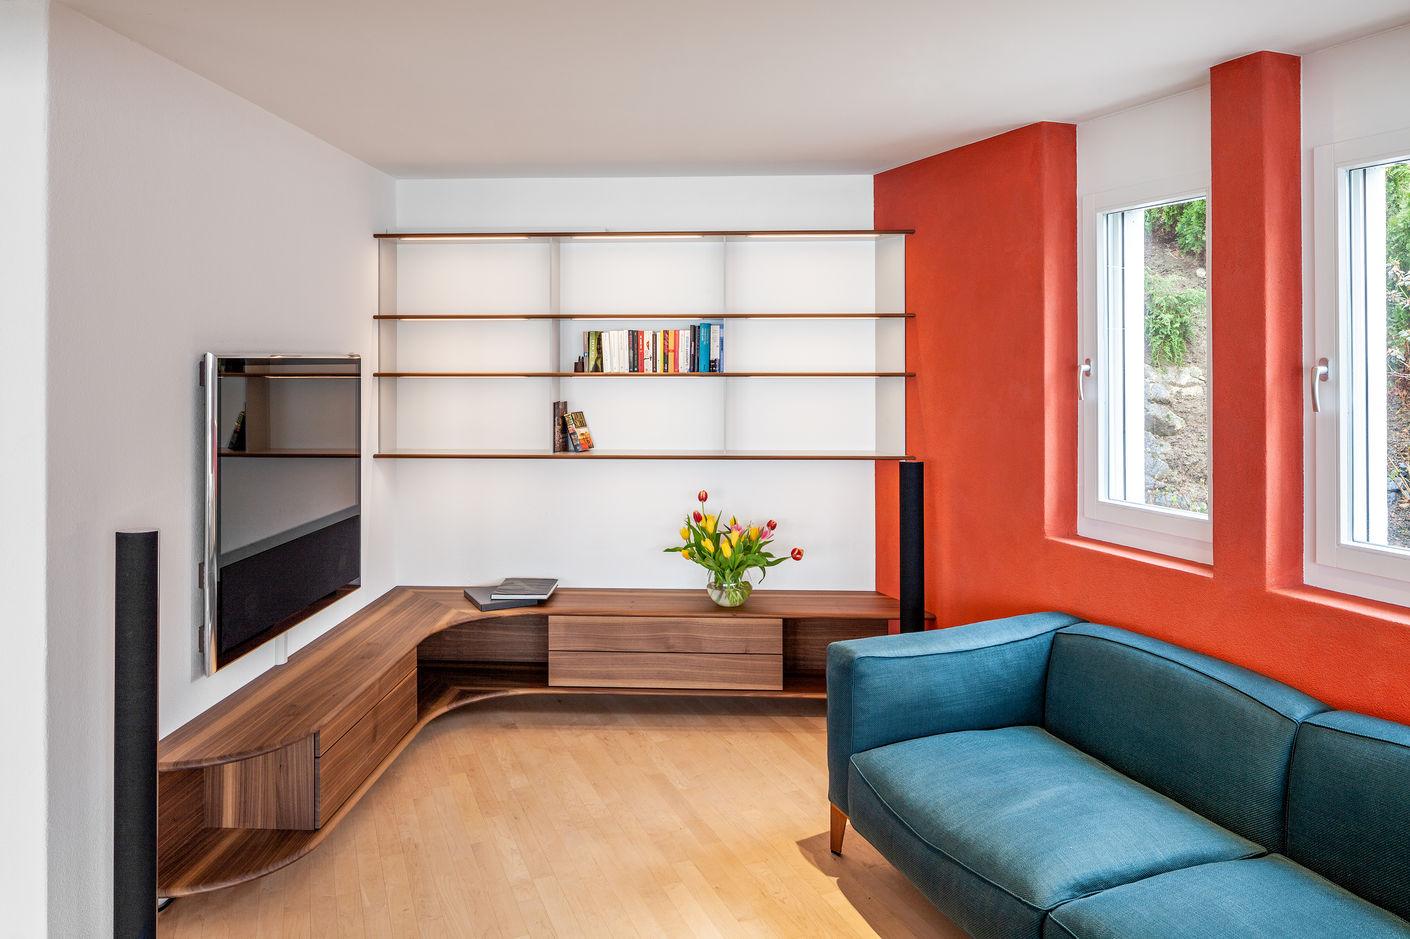 Schön praktisch: Die beleuchtete Bibliothek ist bald eingeräumt, das elegant geschwungene Sideboard verbreitert optisch den Raum und in den Schubladen finden auch CD's und DVD's Platz.